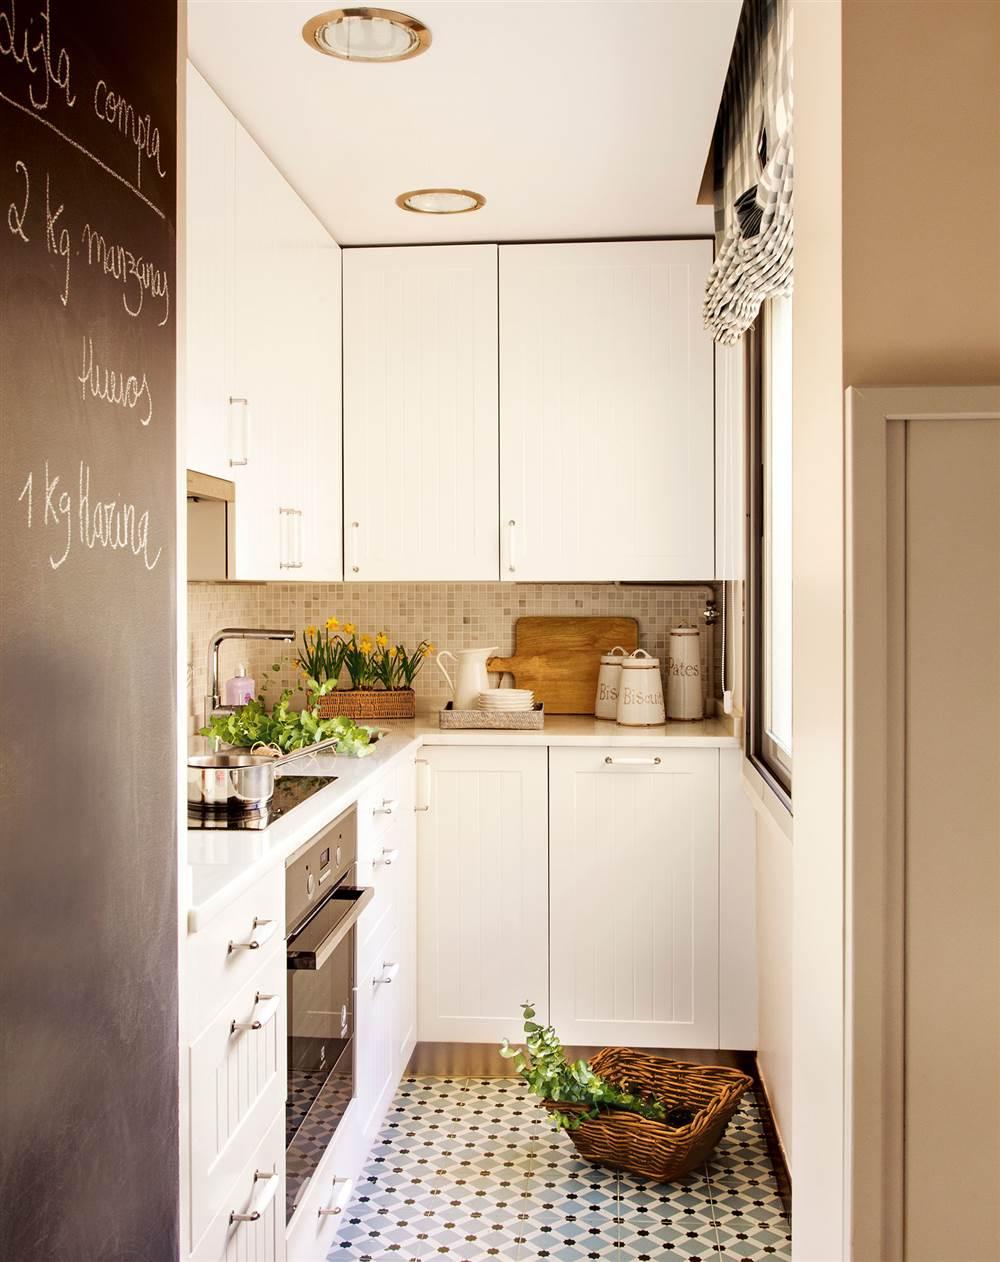 Ideas para aprovechar el espacio en las cocinas peque as - Quitar azulejos cocina ...